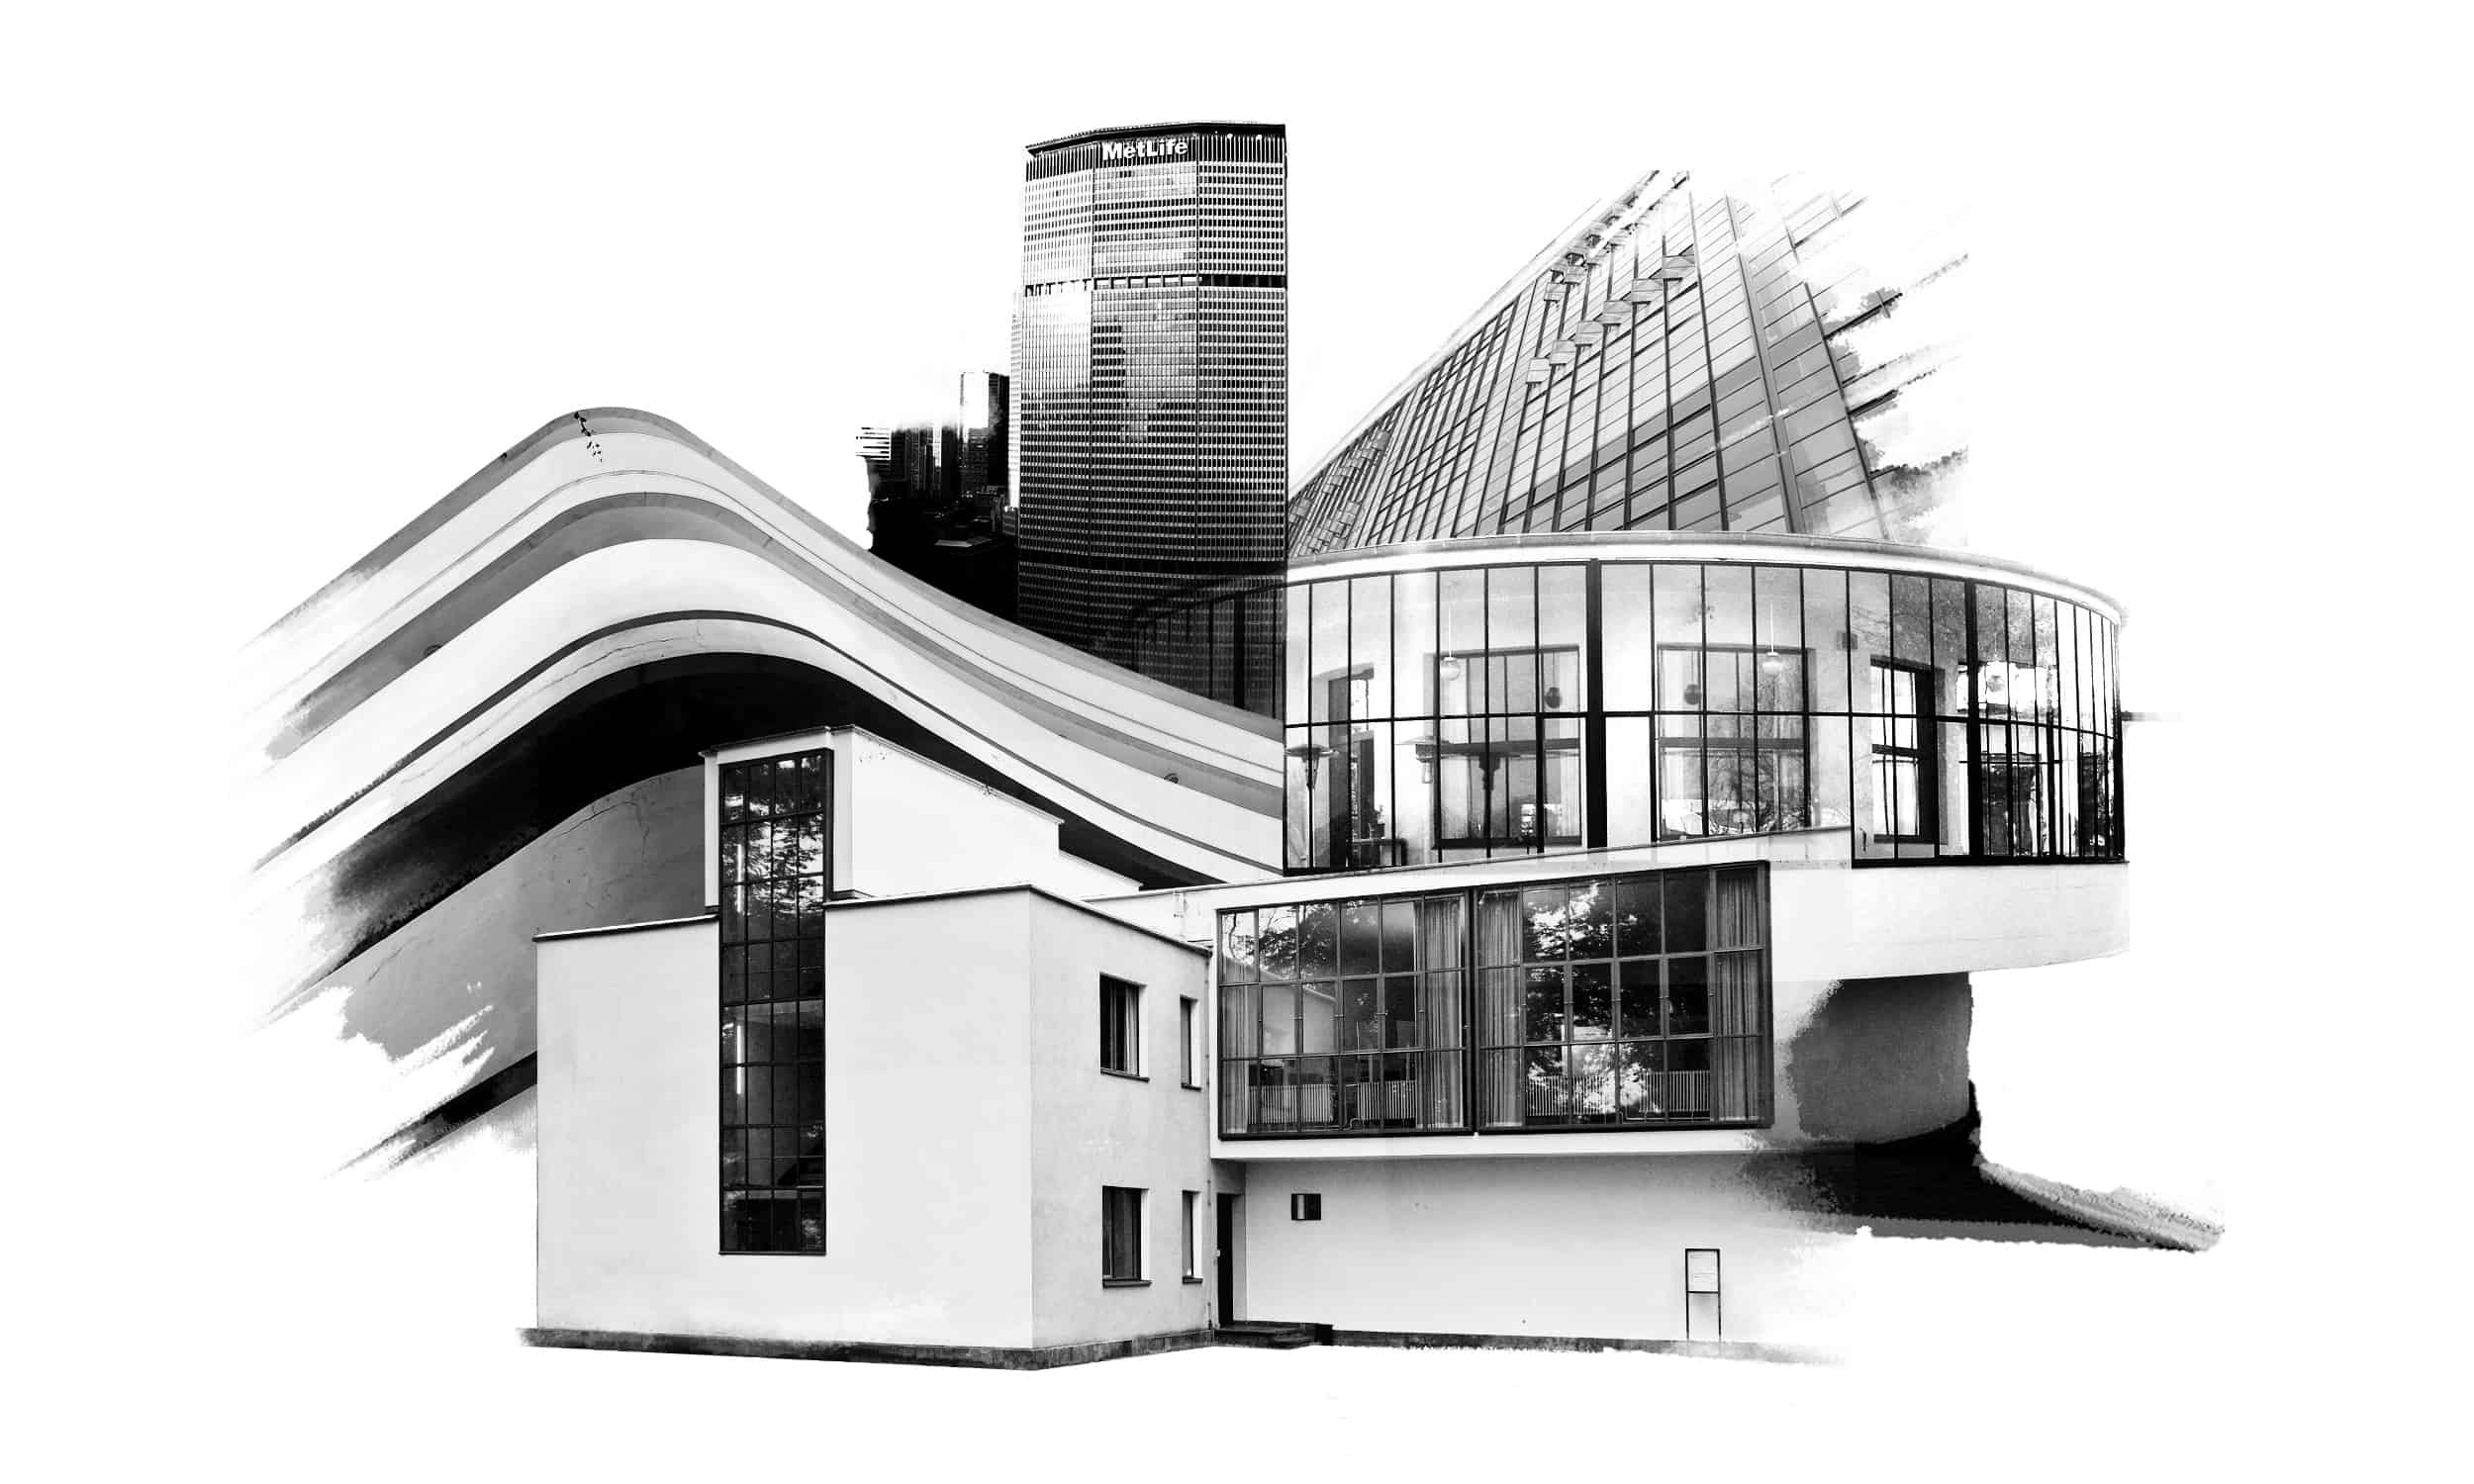 lotte am bauhaus architektur neues bauen f r ein neues wohnen. Black Bedroom Furniture Sets. Home Design Ideas